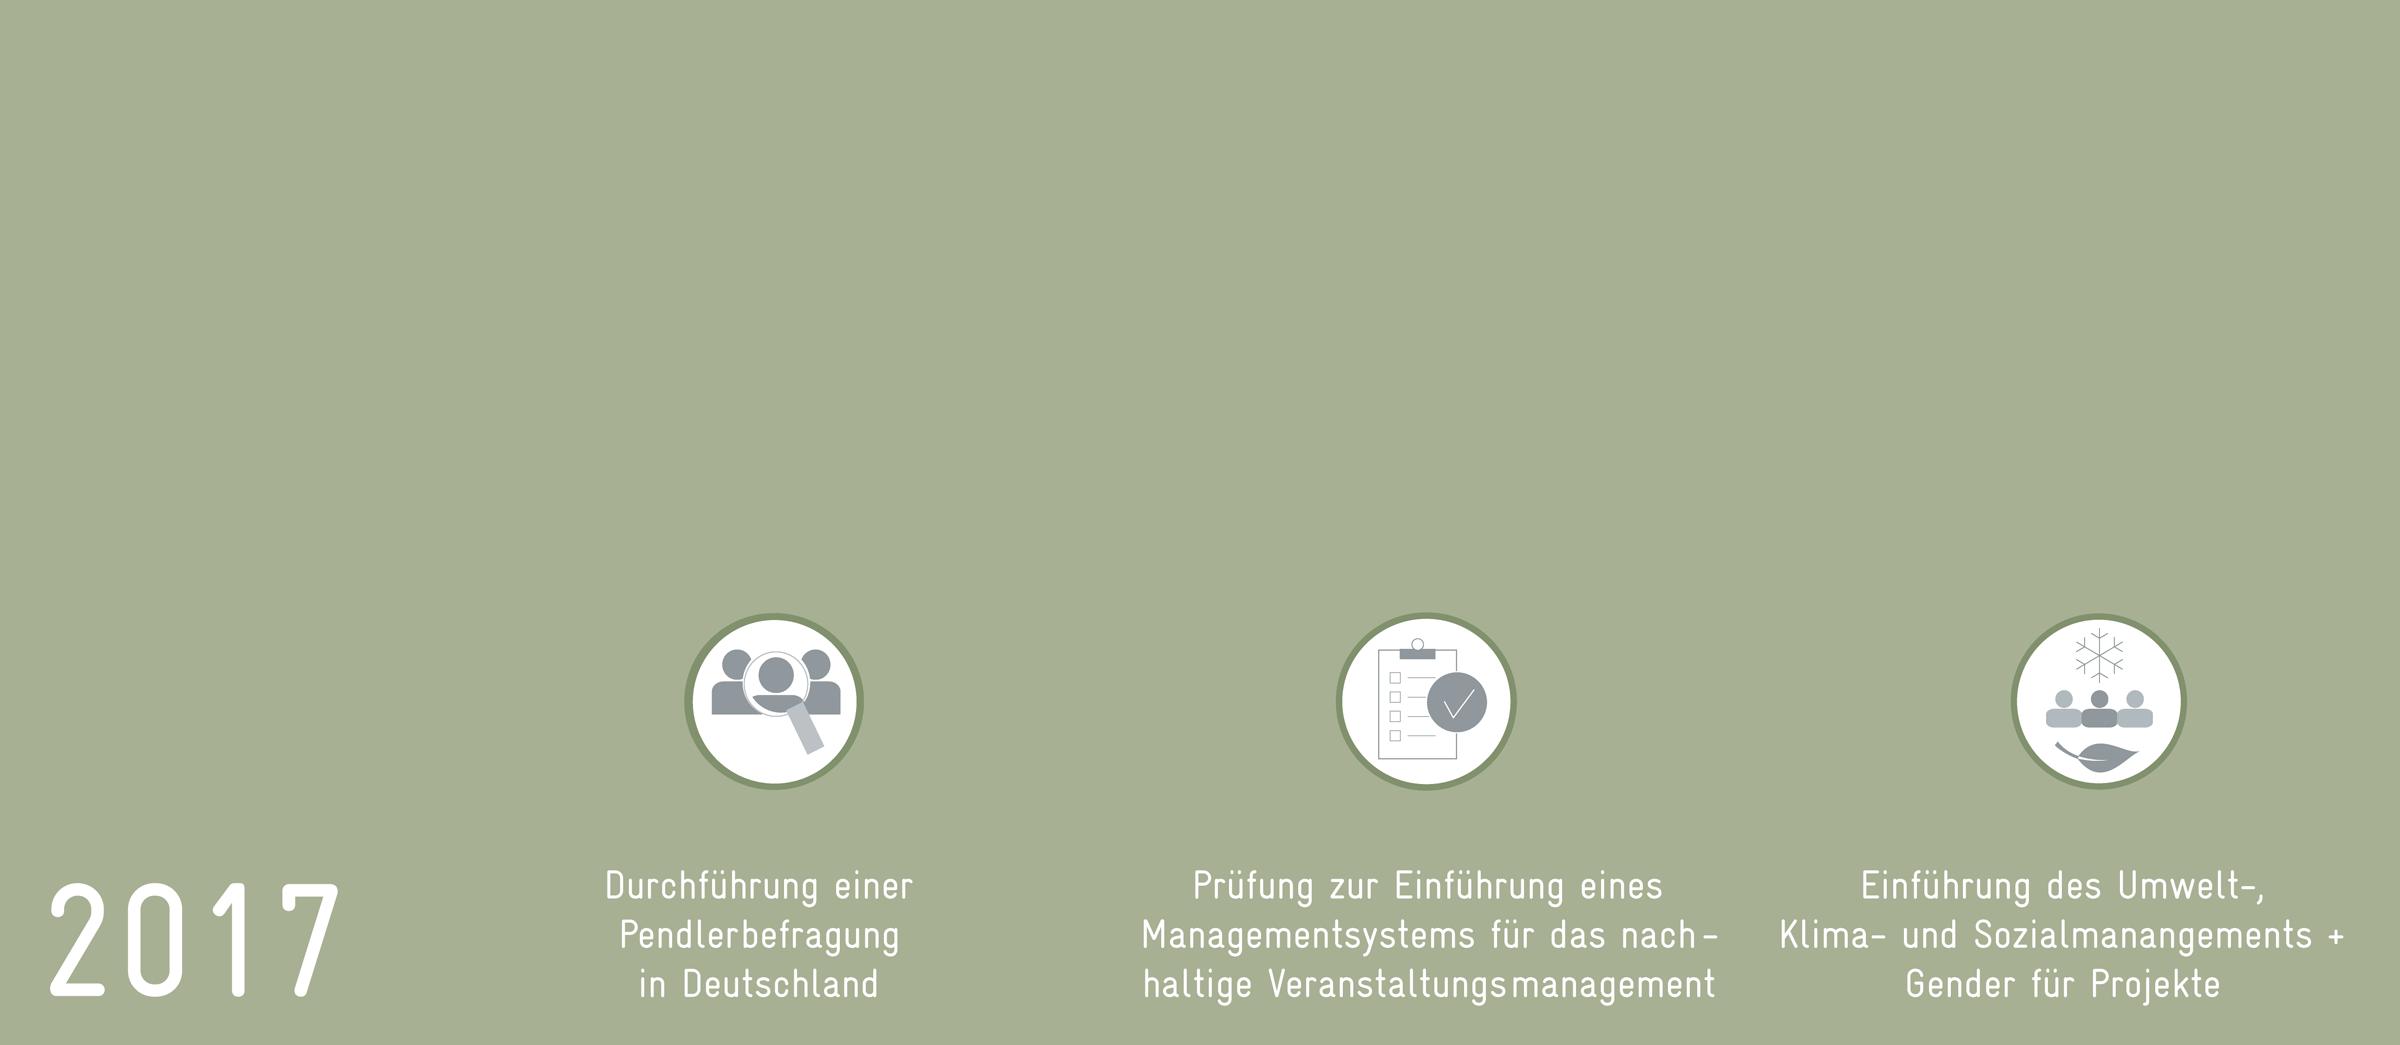 2017: Pendlerbefragung, Managementsystem für Veranstaltungsmanagement, Umwelt-, Klima- und Sozialmanagement für Projekte